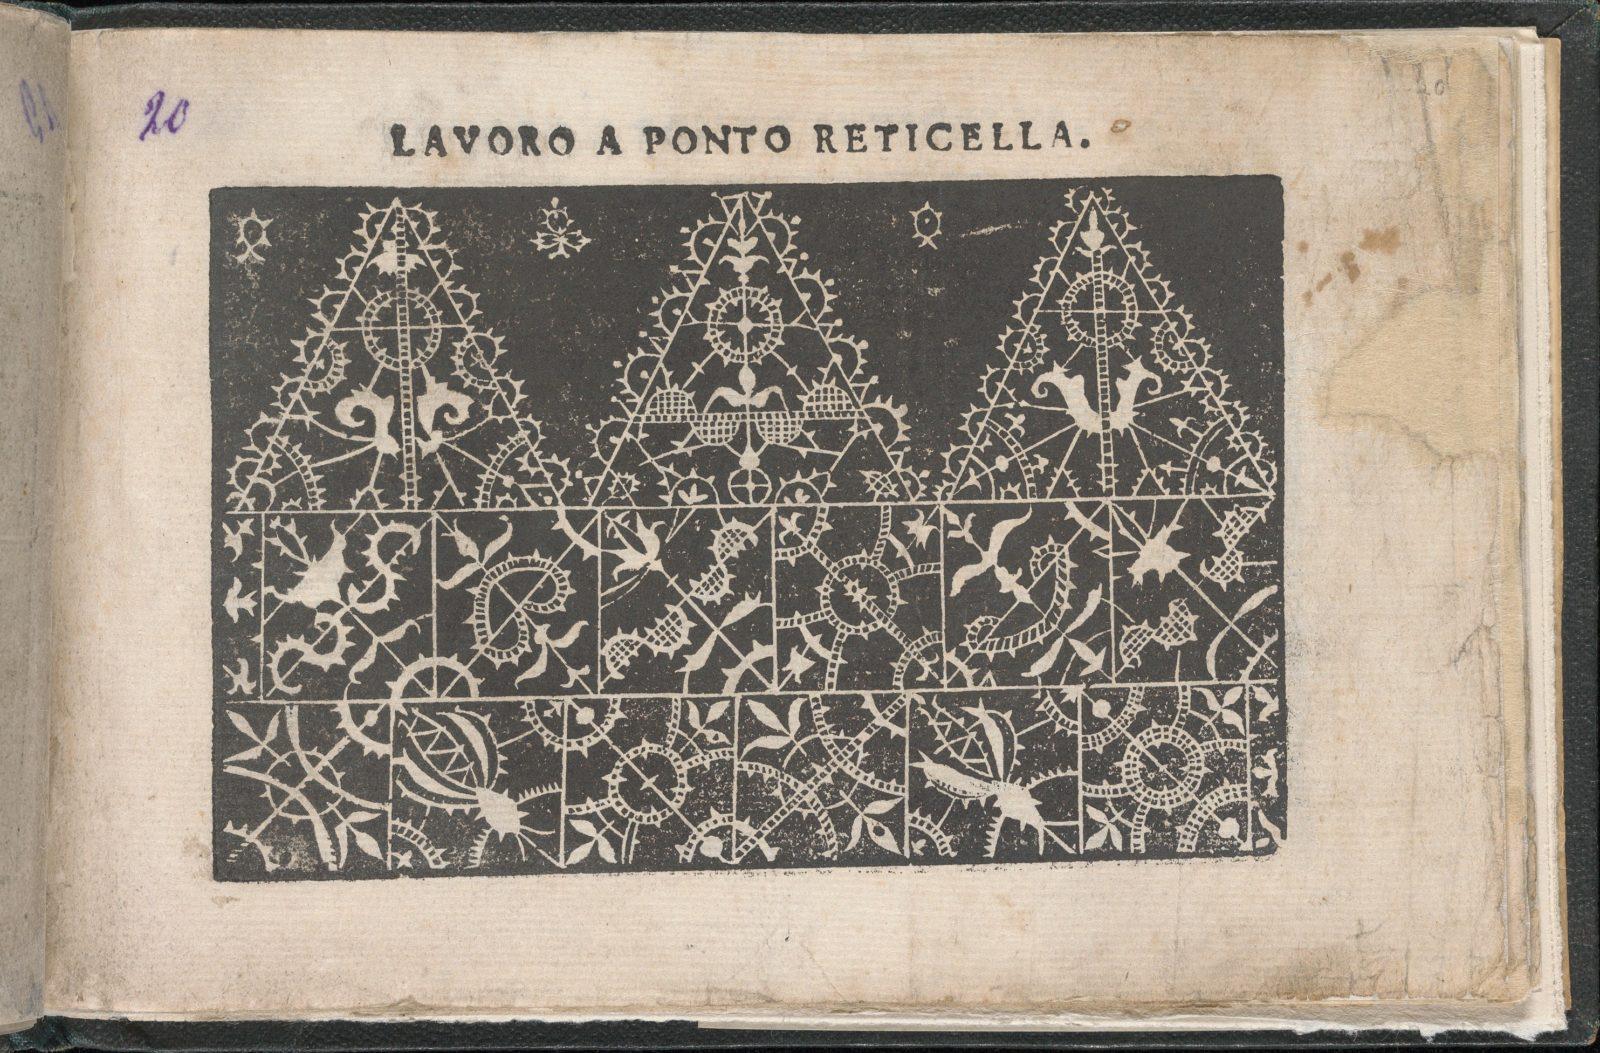 Gemma pretiosa della virtuose donne, page 20 (recto)